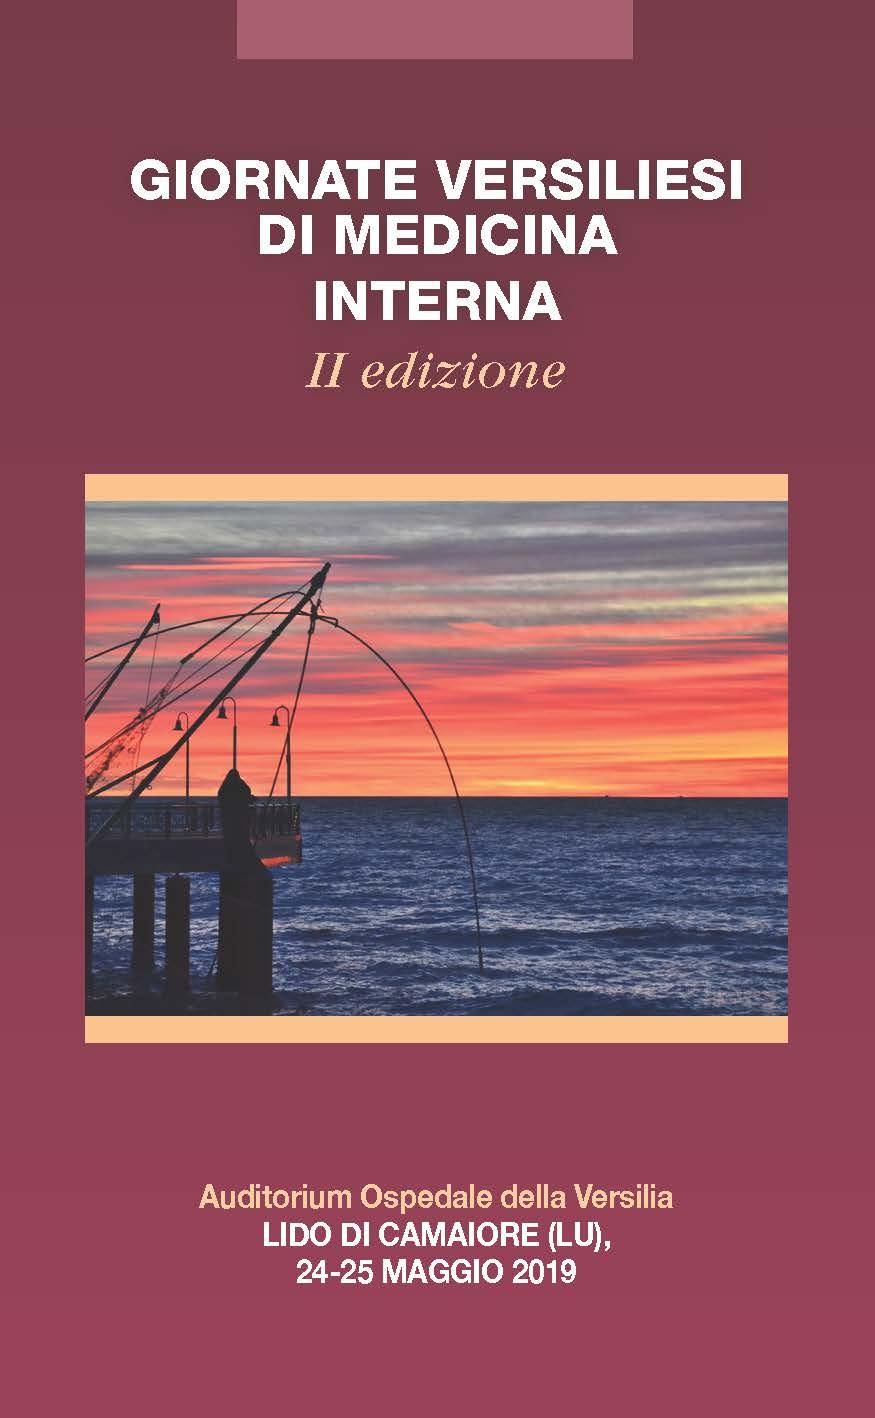 Giornate Versiliesi di Medicina Interna-II edizione